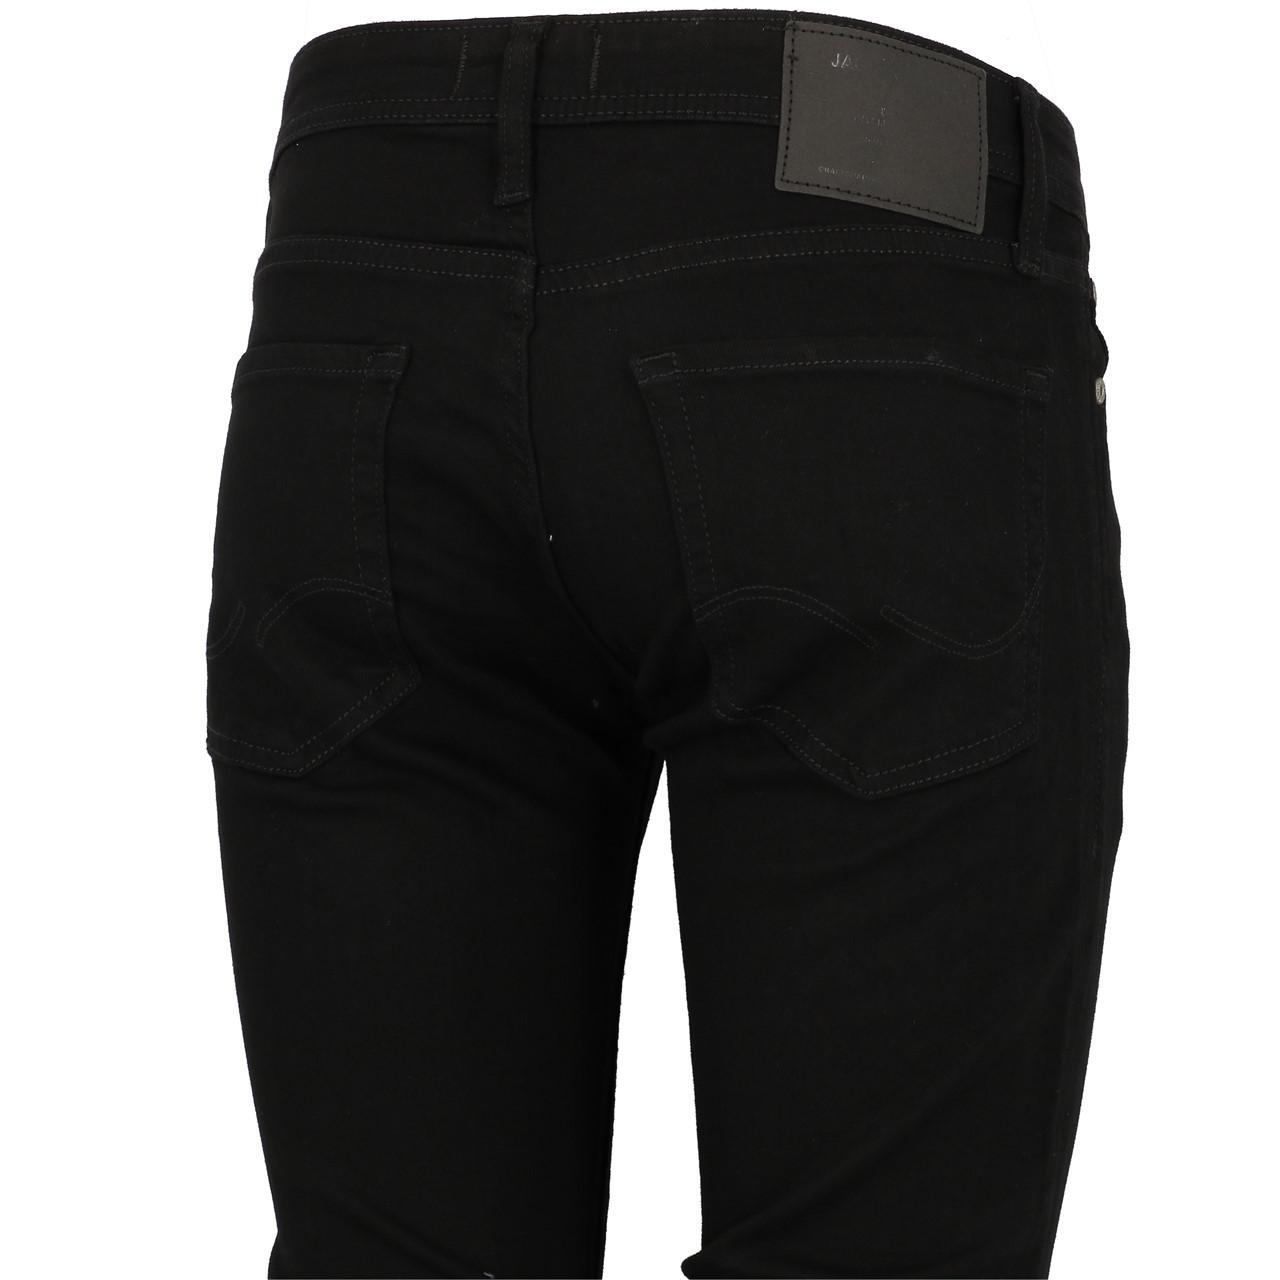 Jeans-Pants-Jack-and-jones-Liam-32-Blk-Denim-Black-Jeans-19909-New thumbnail 3